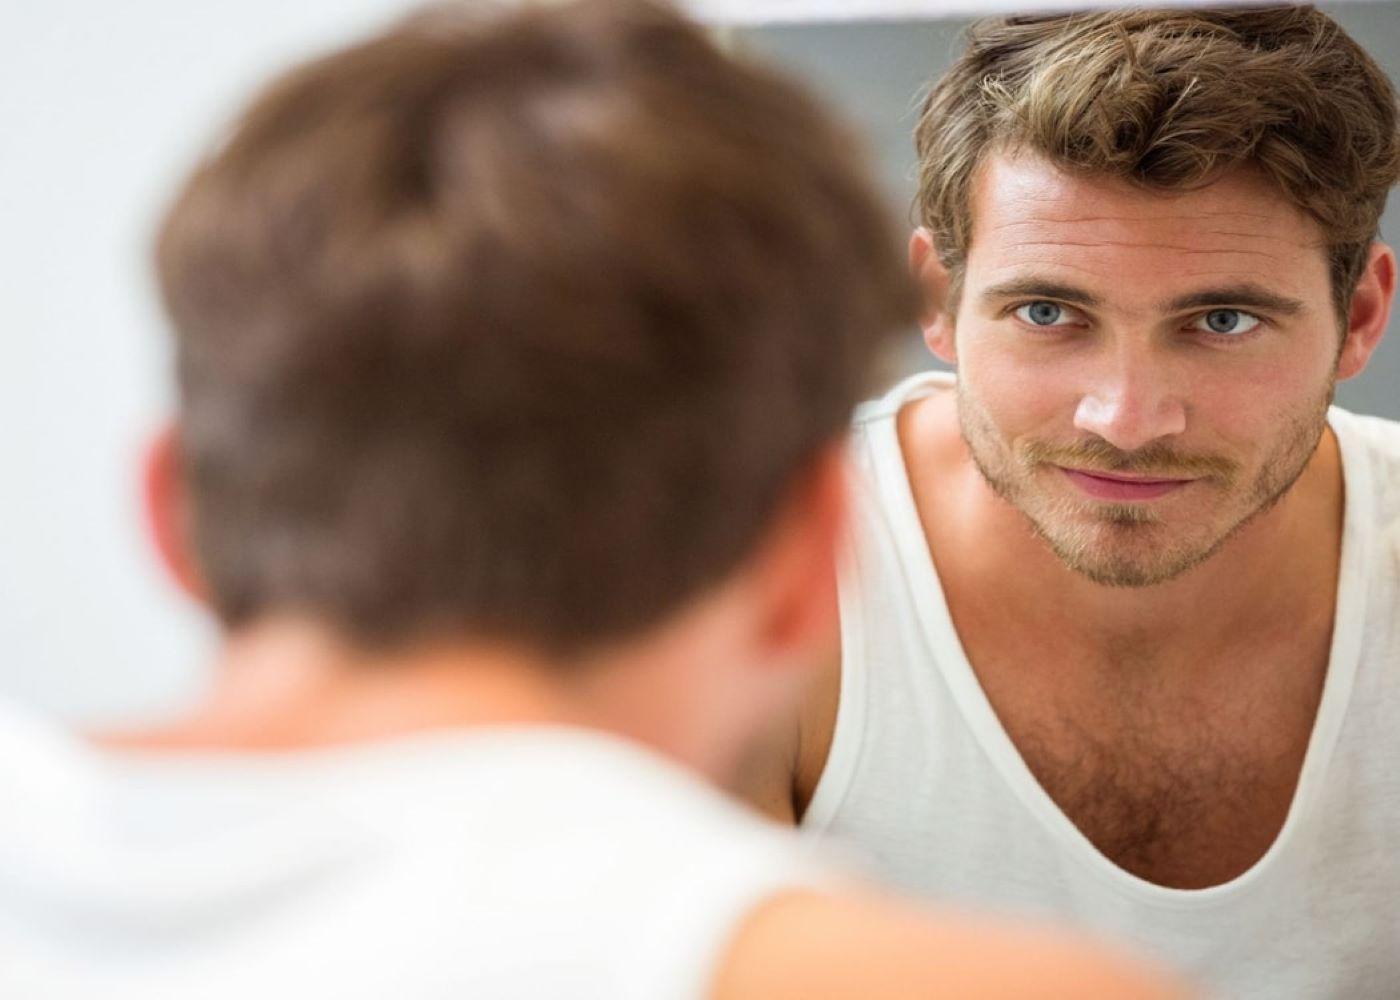 Shaving Sensitive Skin: A Beginner's Guide